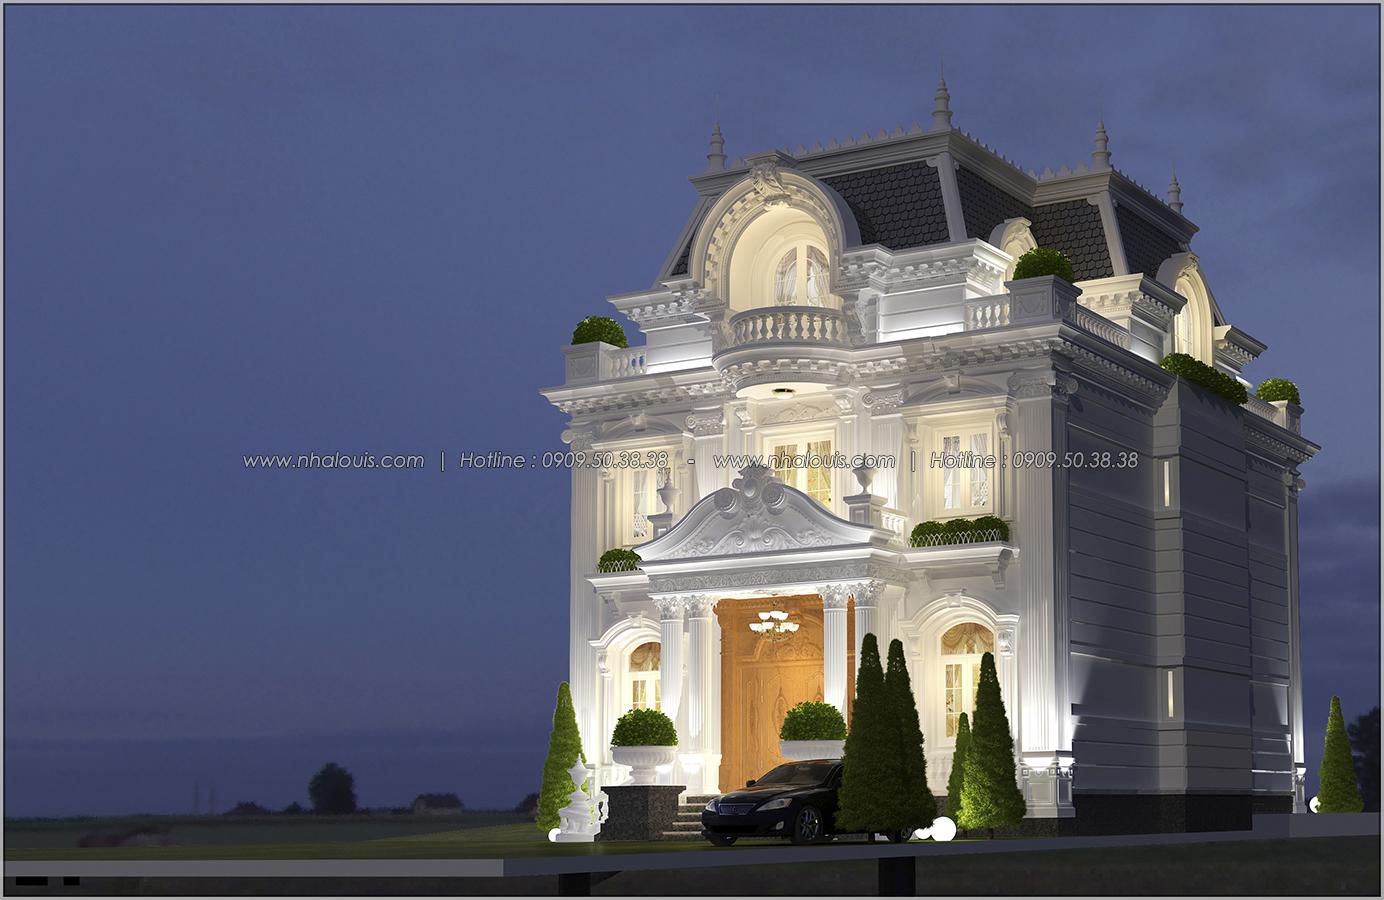 Thiết kế biệt thự cổ điển Châu Âu ở Sóc Trăng 2 mặt tiền đẹp lung linh - 02